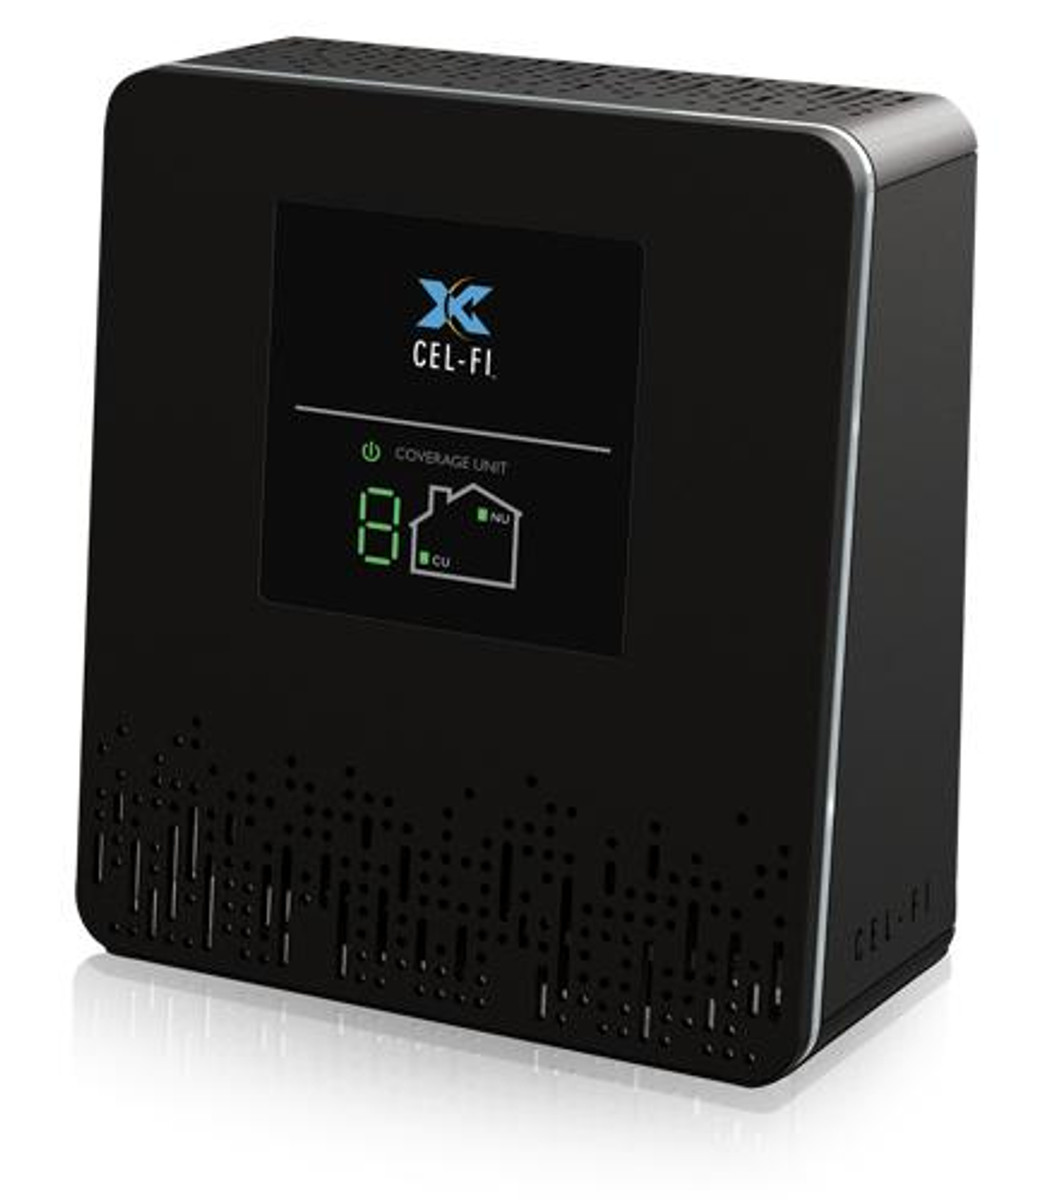 Cel-Fi Cel-Fi DUO Smart Signal Booster